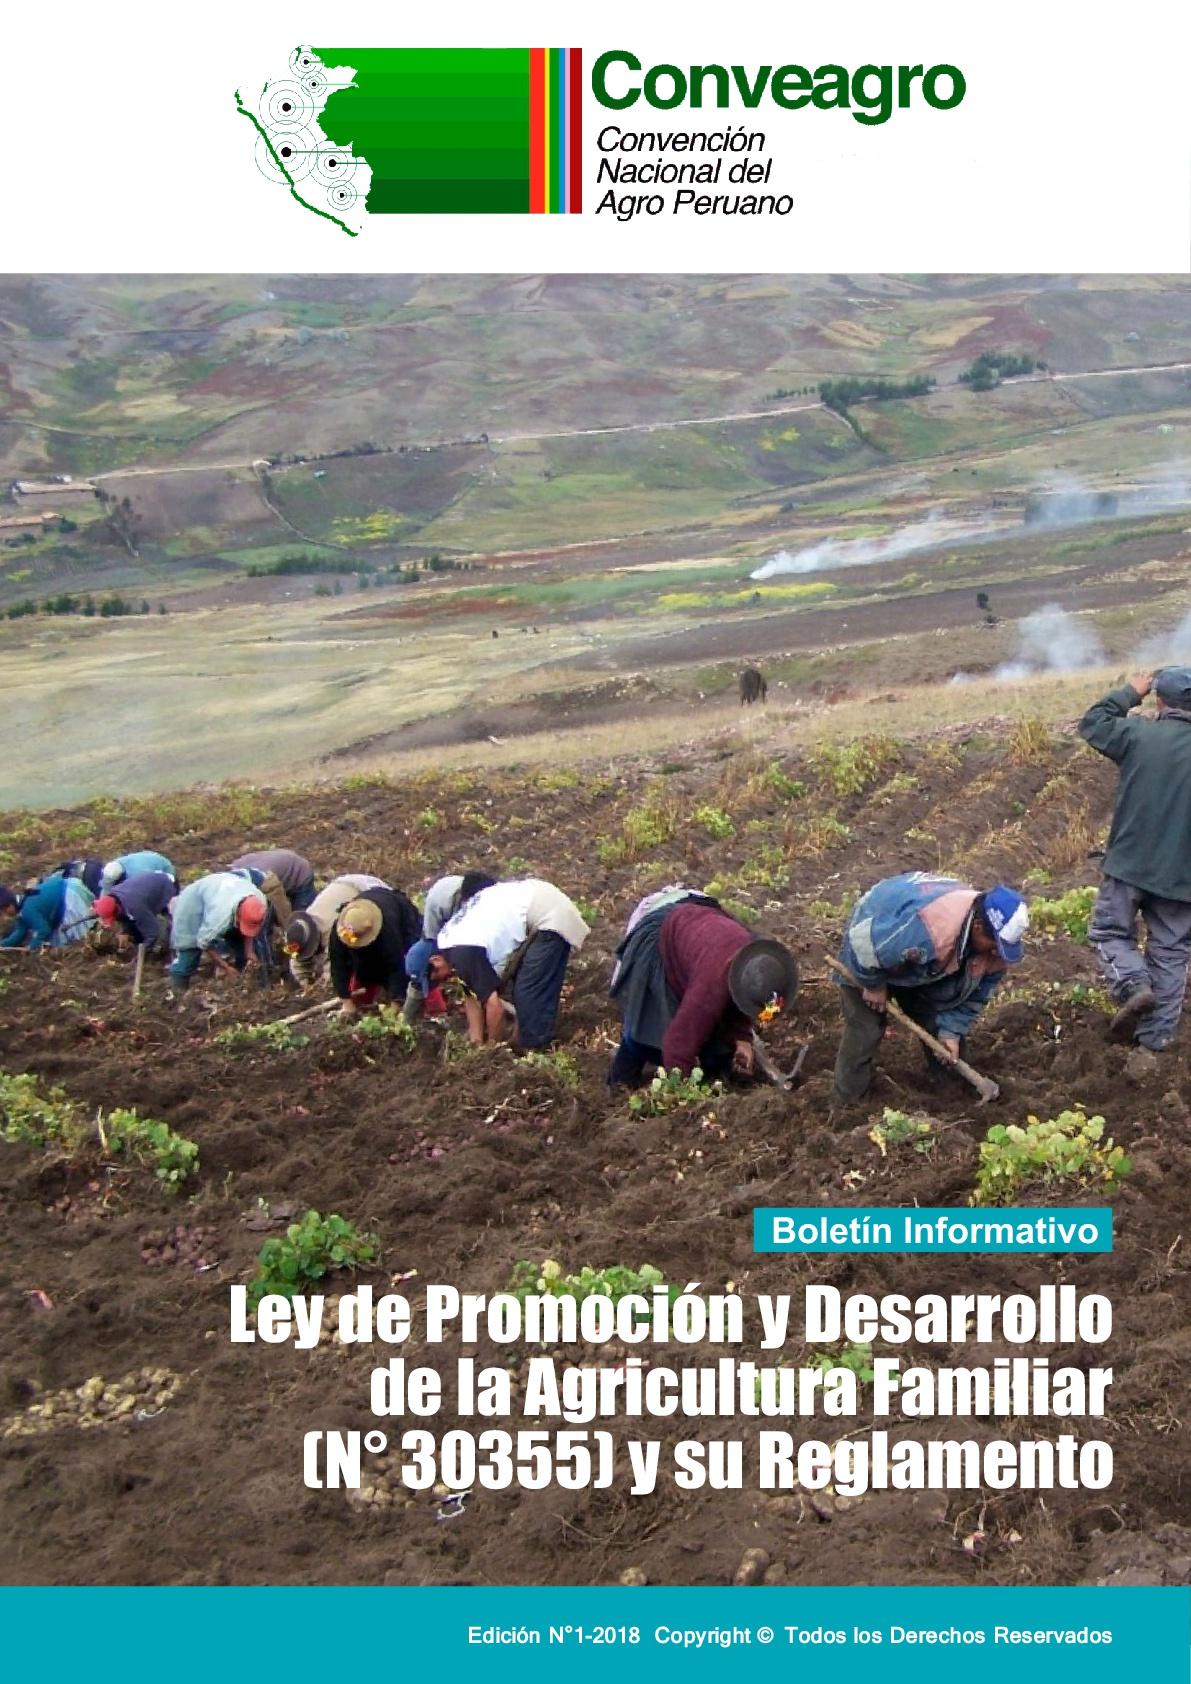 Boletin CONVEAGRO N°1 (N° 30355) y su Reglamento de la Agricultura Familiar Ley de Promoción y Desarrollo